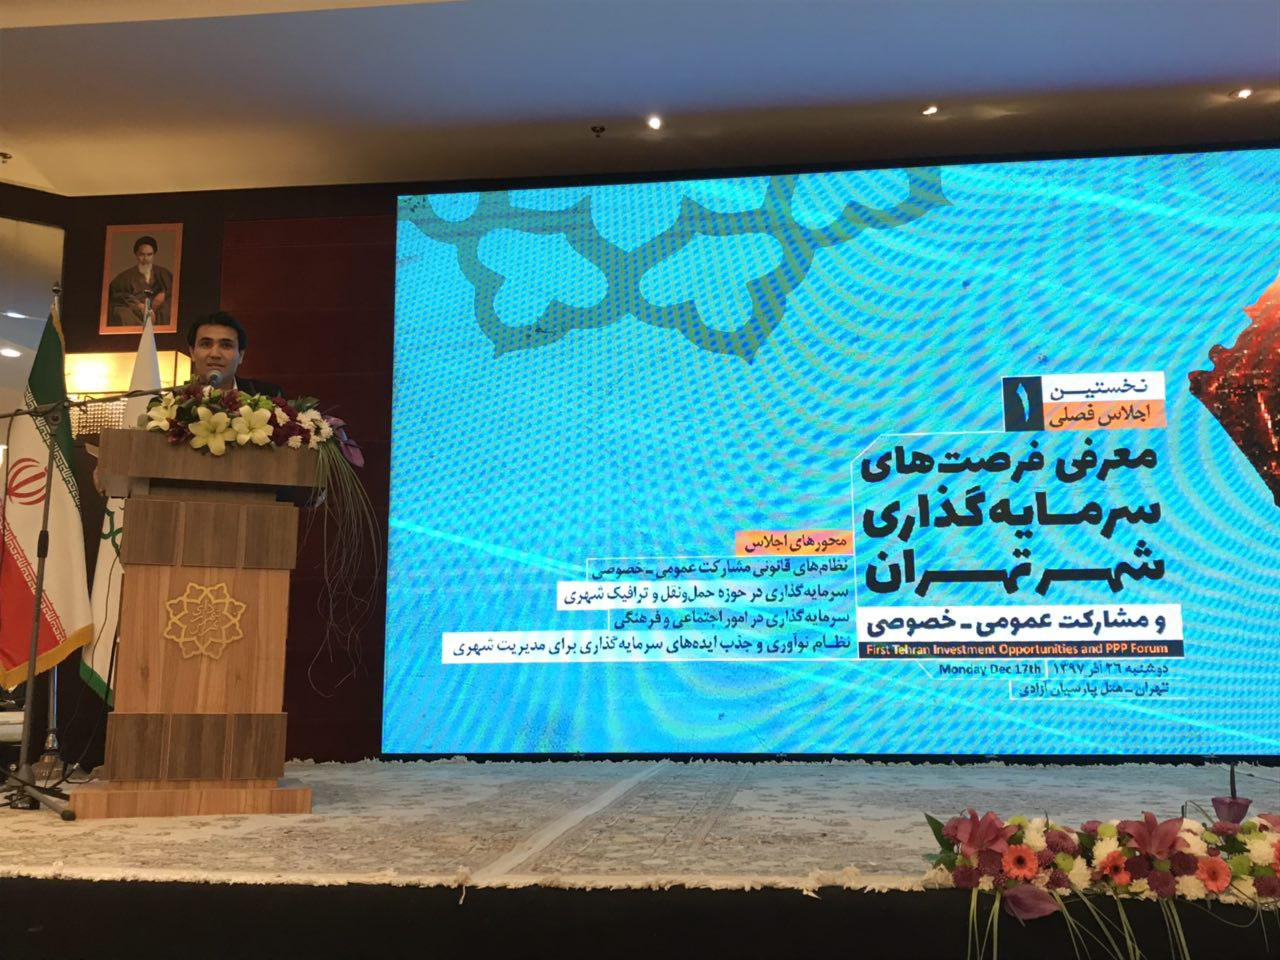 نخستین دوره اجلاس فصلی فرصتهای سرمایهگذاری شهر تهران برگزار گردید